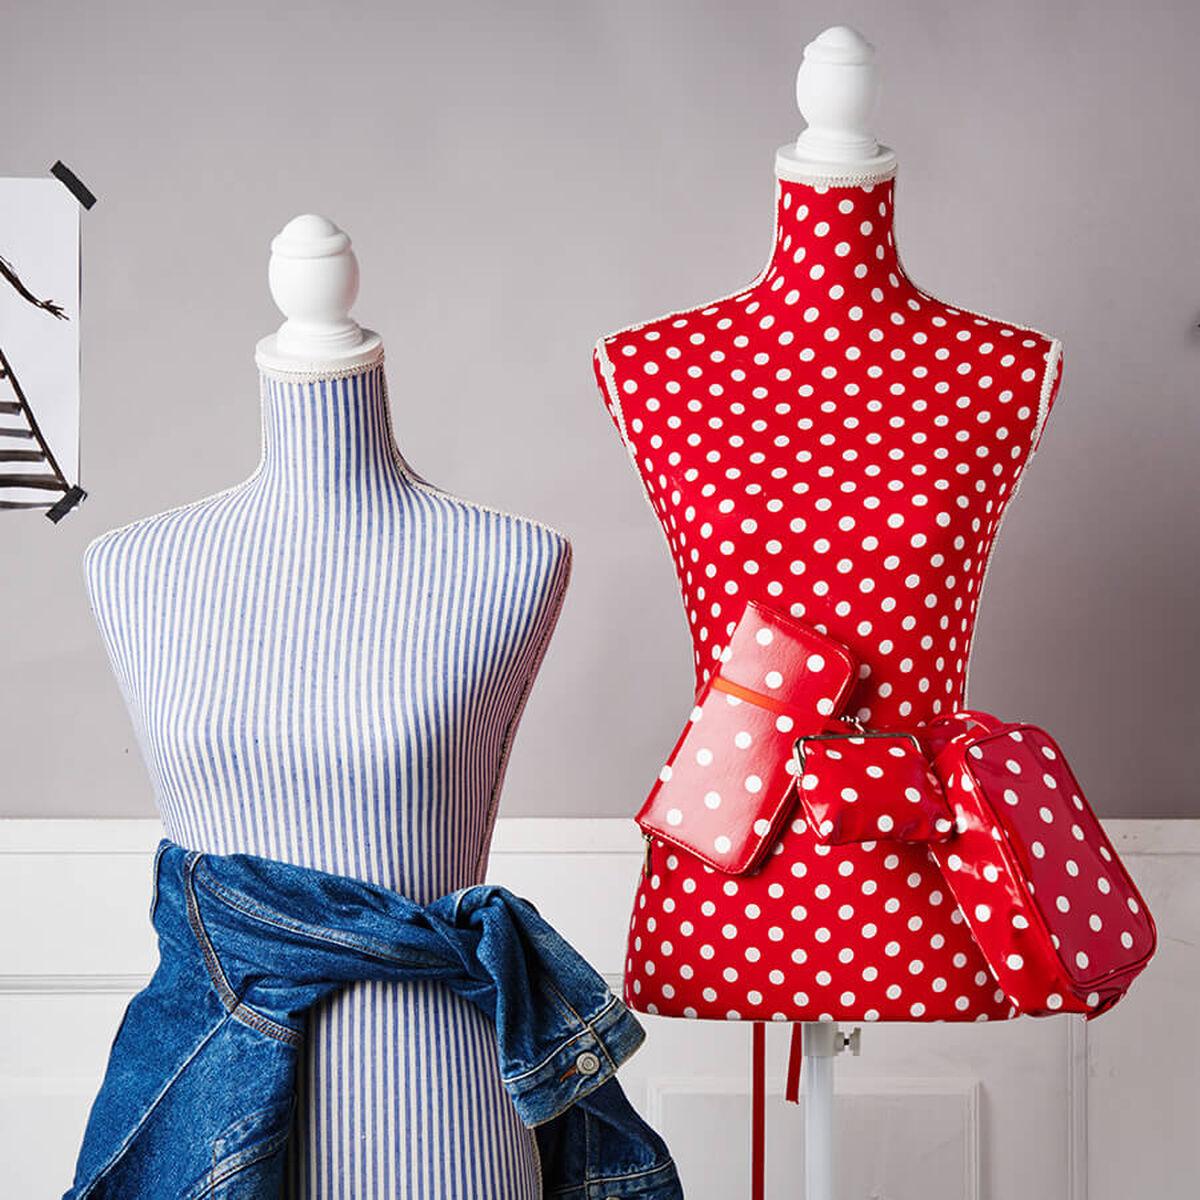 schneiderpuppen schneiderpuppe online kaufen butlers. Black Bedroom Furniture Sets. Home Design Ideas